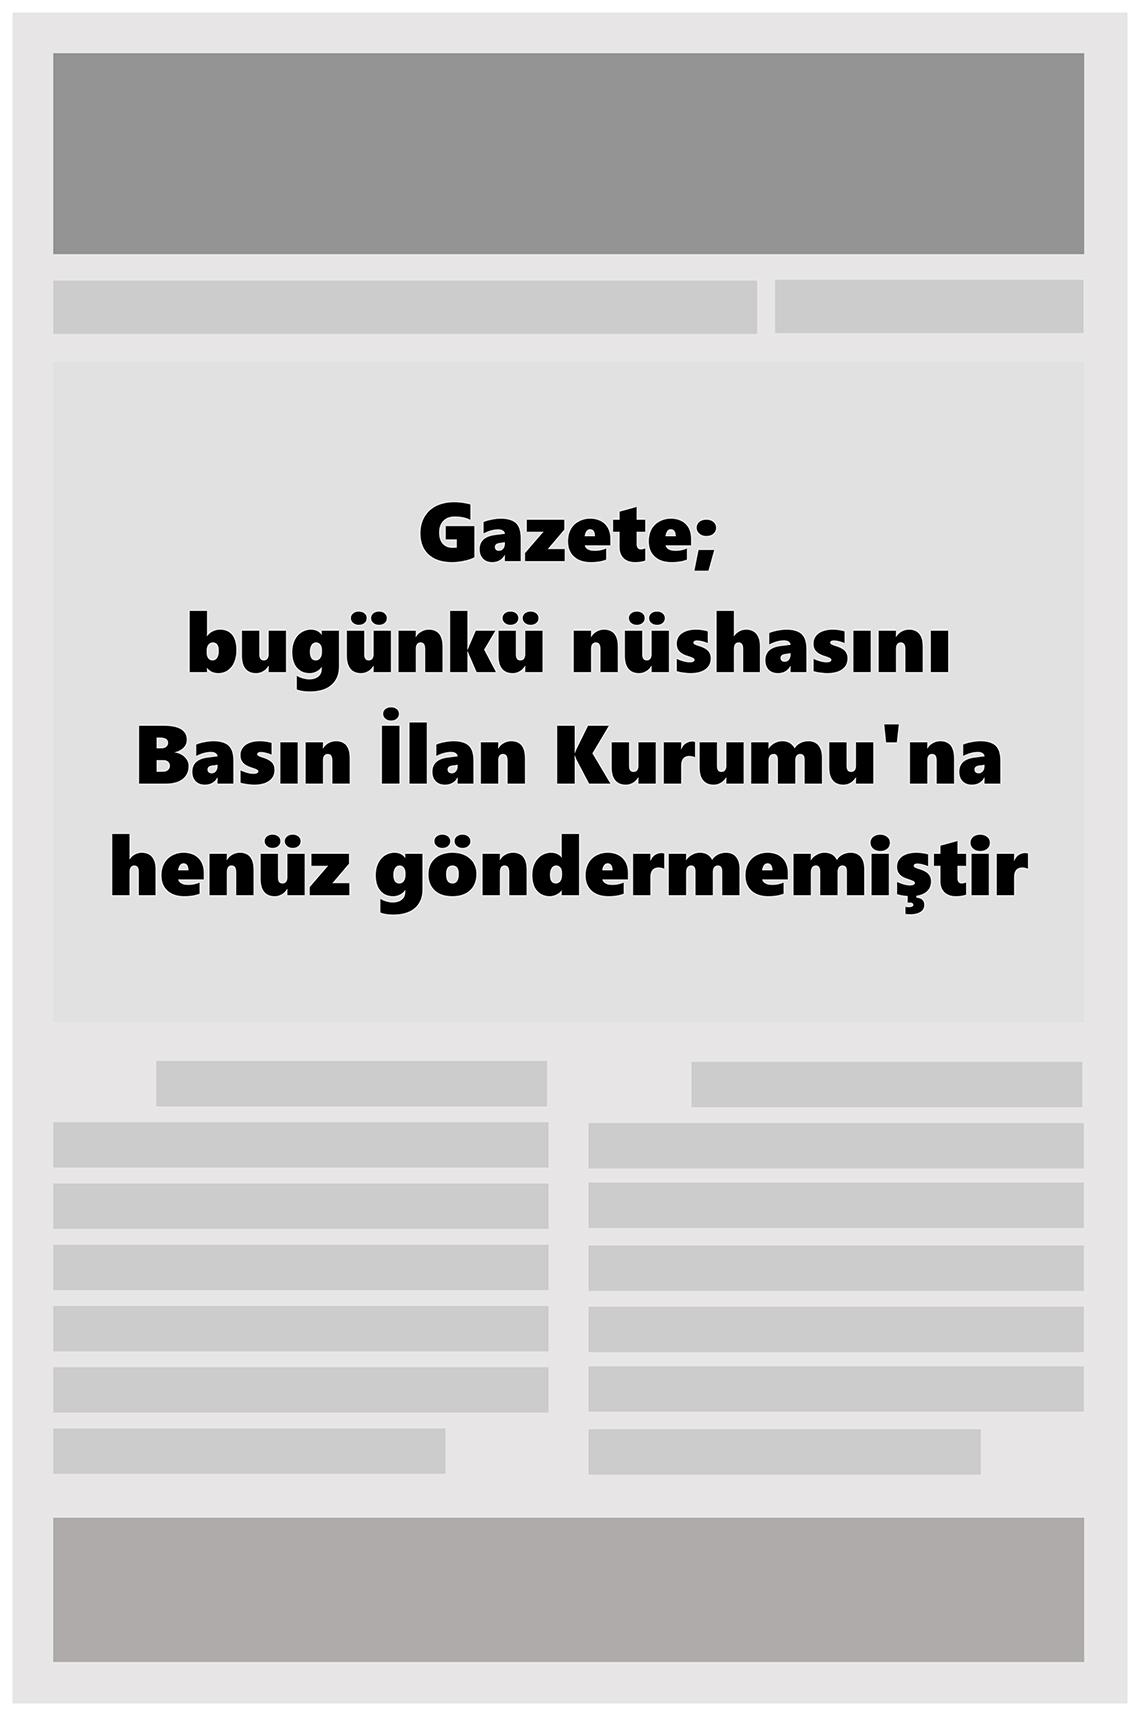 yerel gazeteler